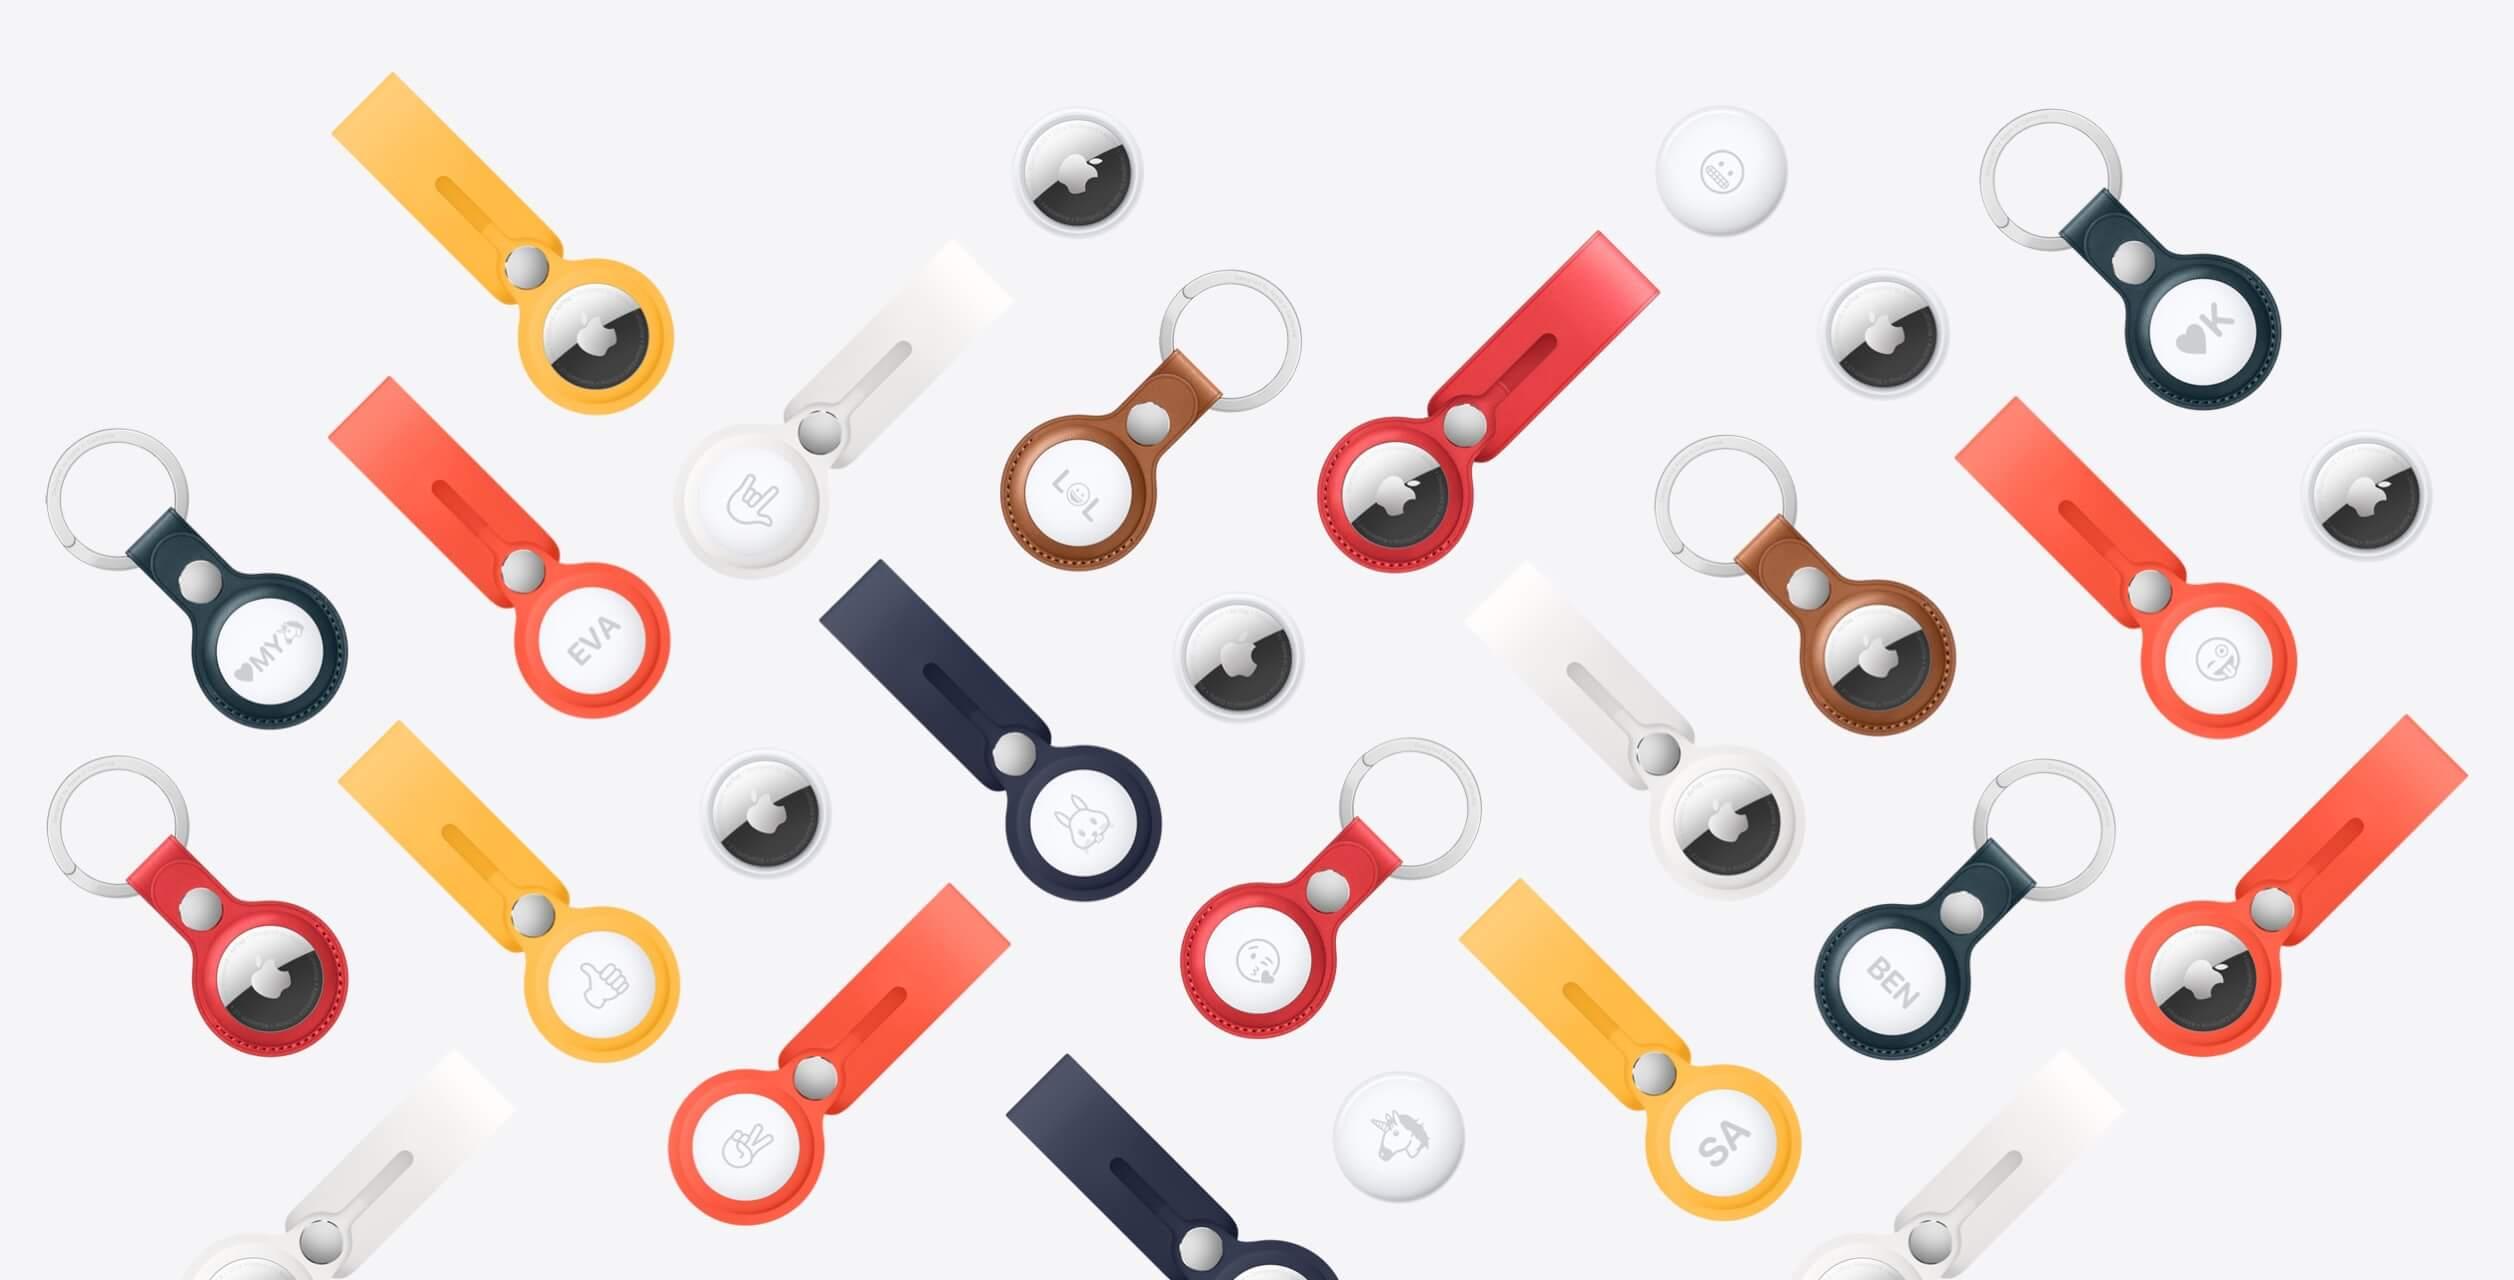 Apple เปิดตัว AirTag อุปกรณ์เสริมช่วยติดตาม และค้นหาสิ่งของ ในราคาเริ่มต้น 990 บาท